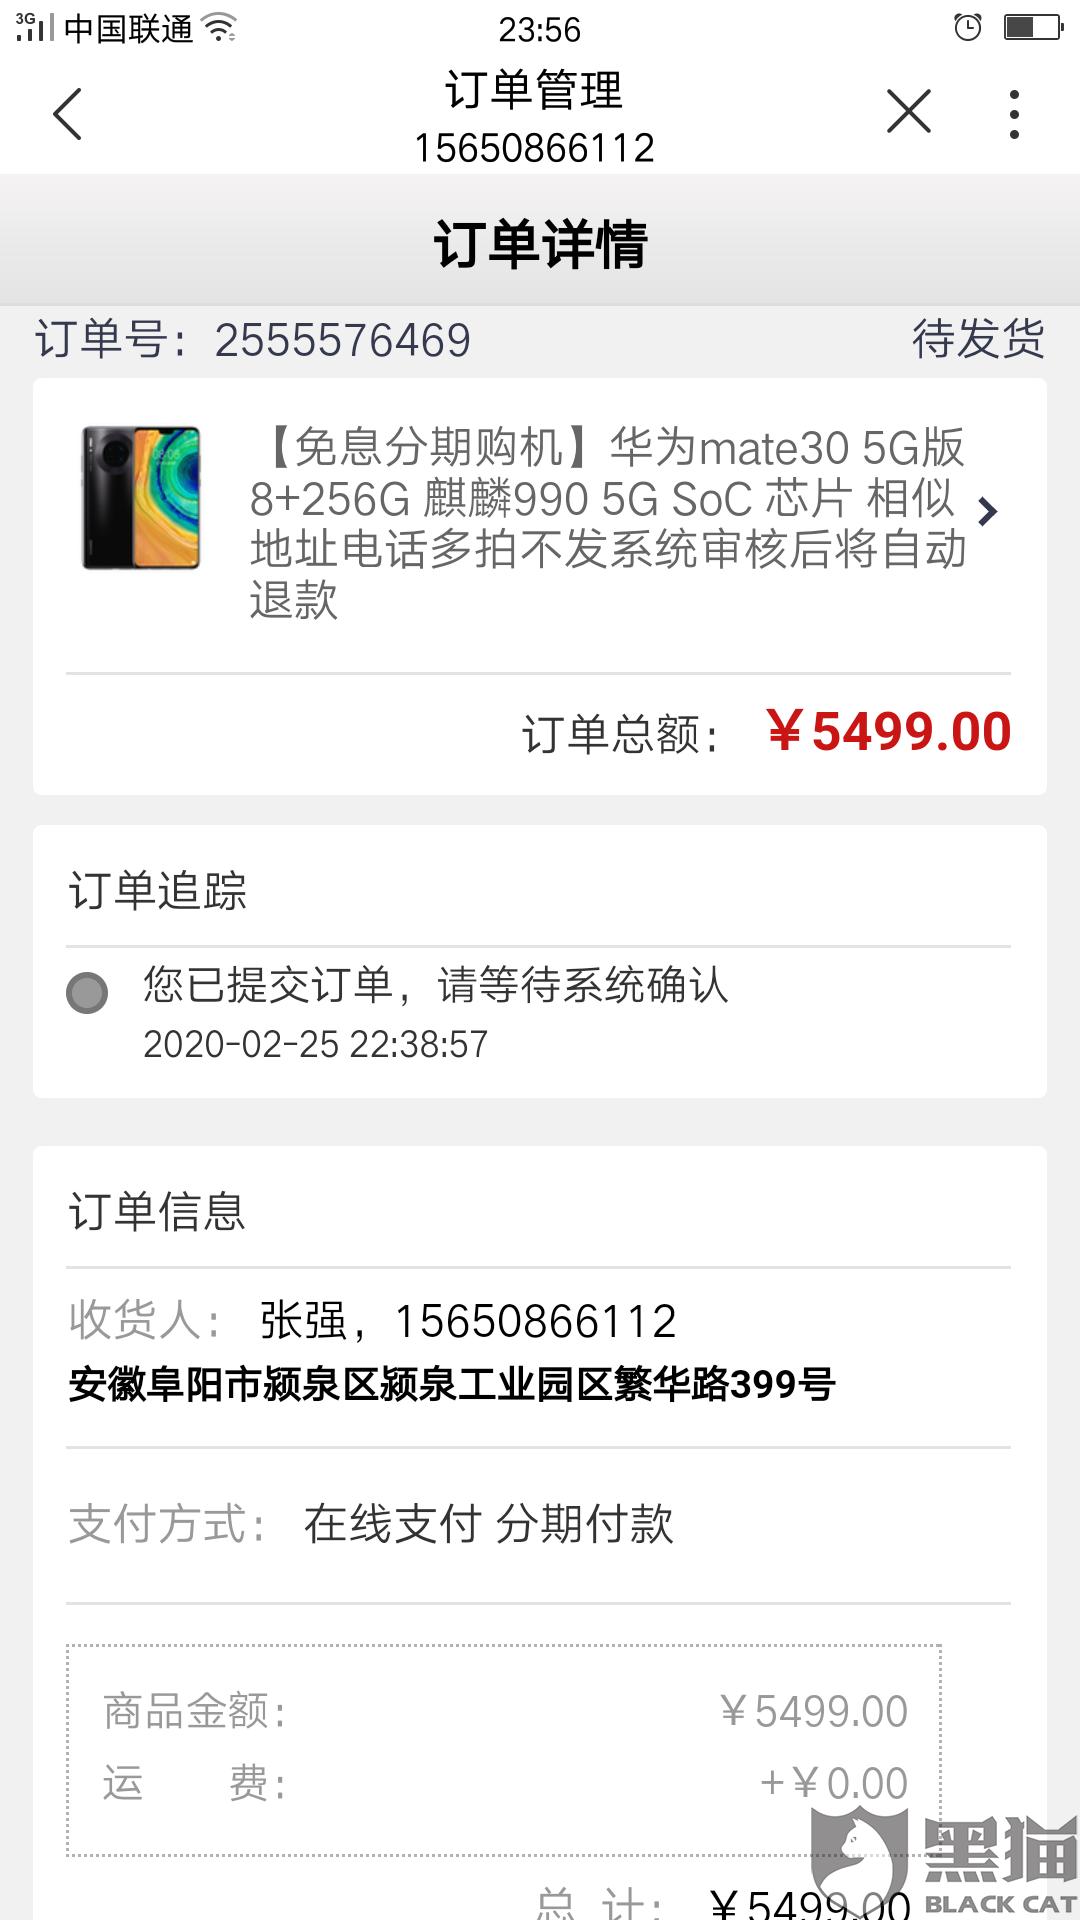 黑猫投诉:联通华盛通信有限公司北京电子商务分公司用时6小时解决了消费者投诉